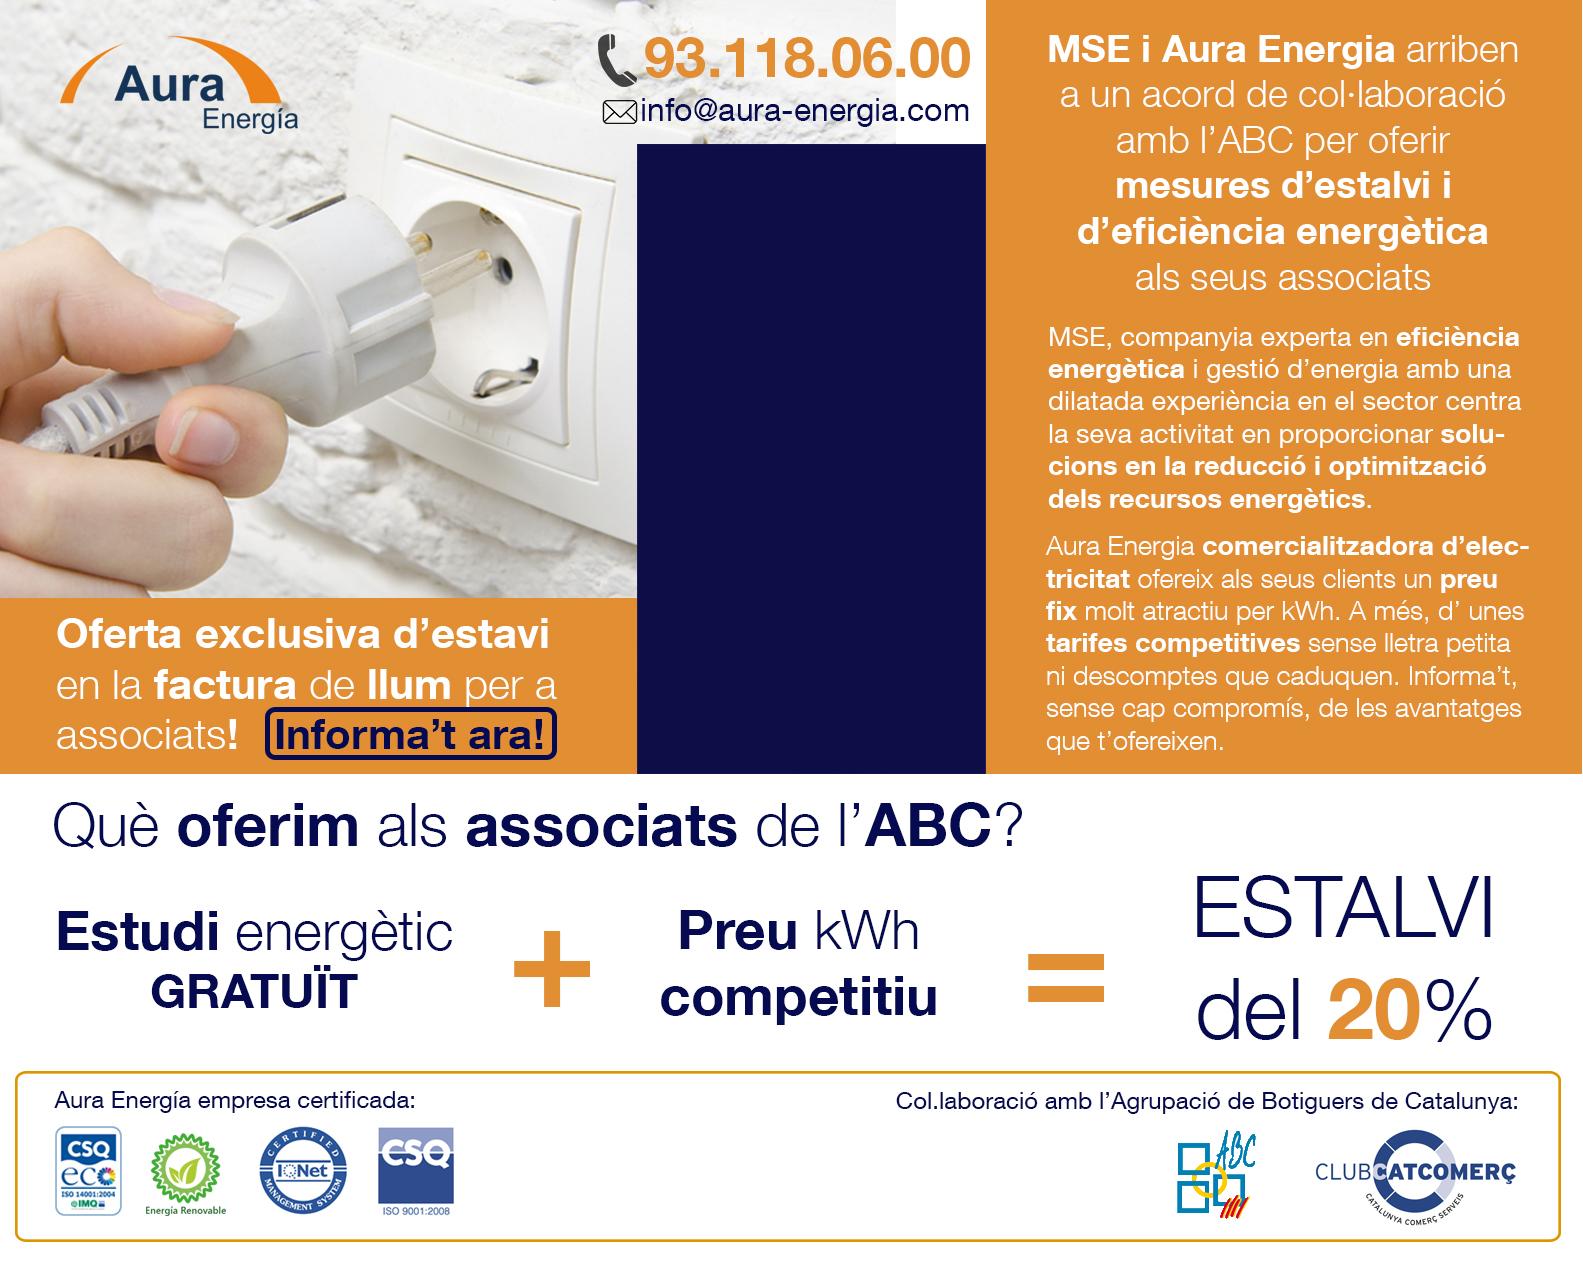 MSE i Aura Energia arriben a un acord de col.laboració amb l'ABC